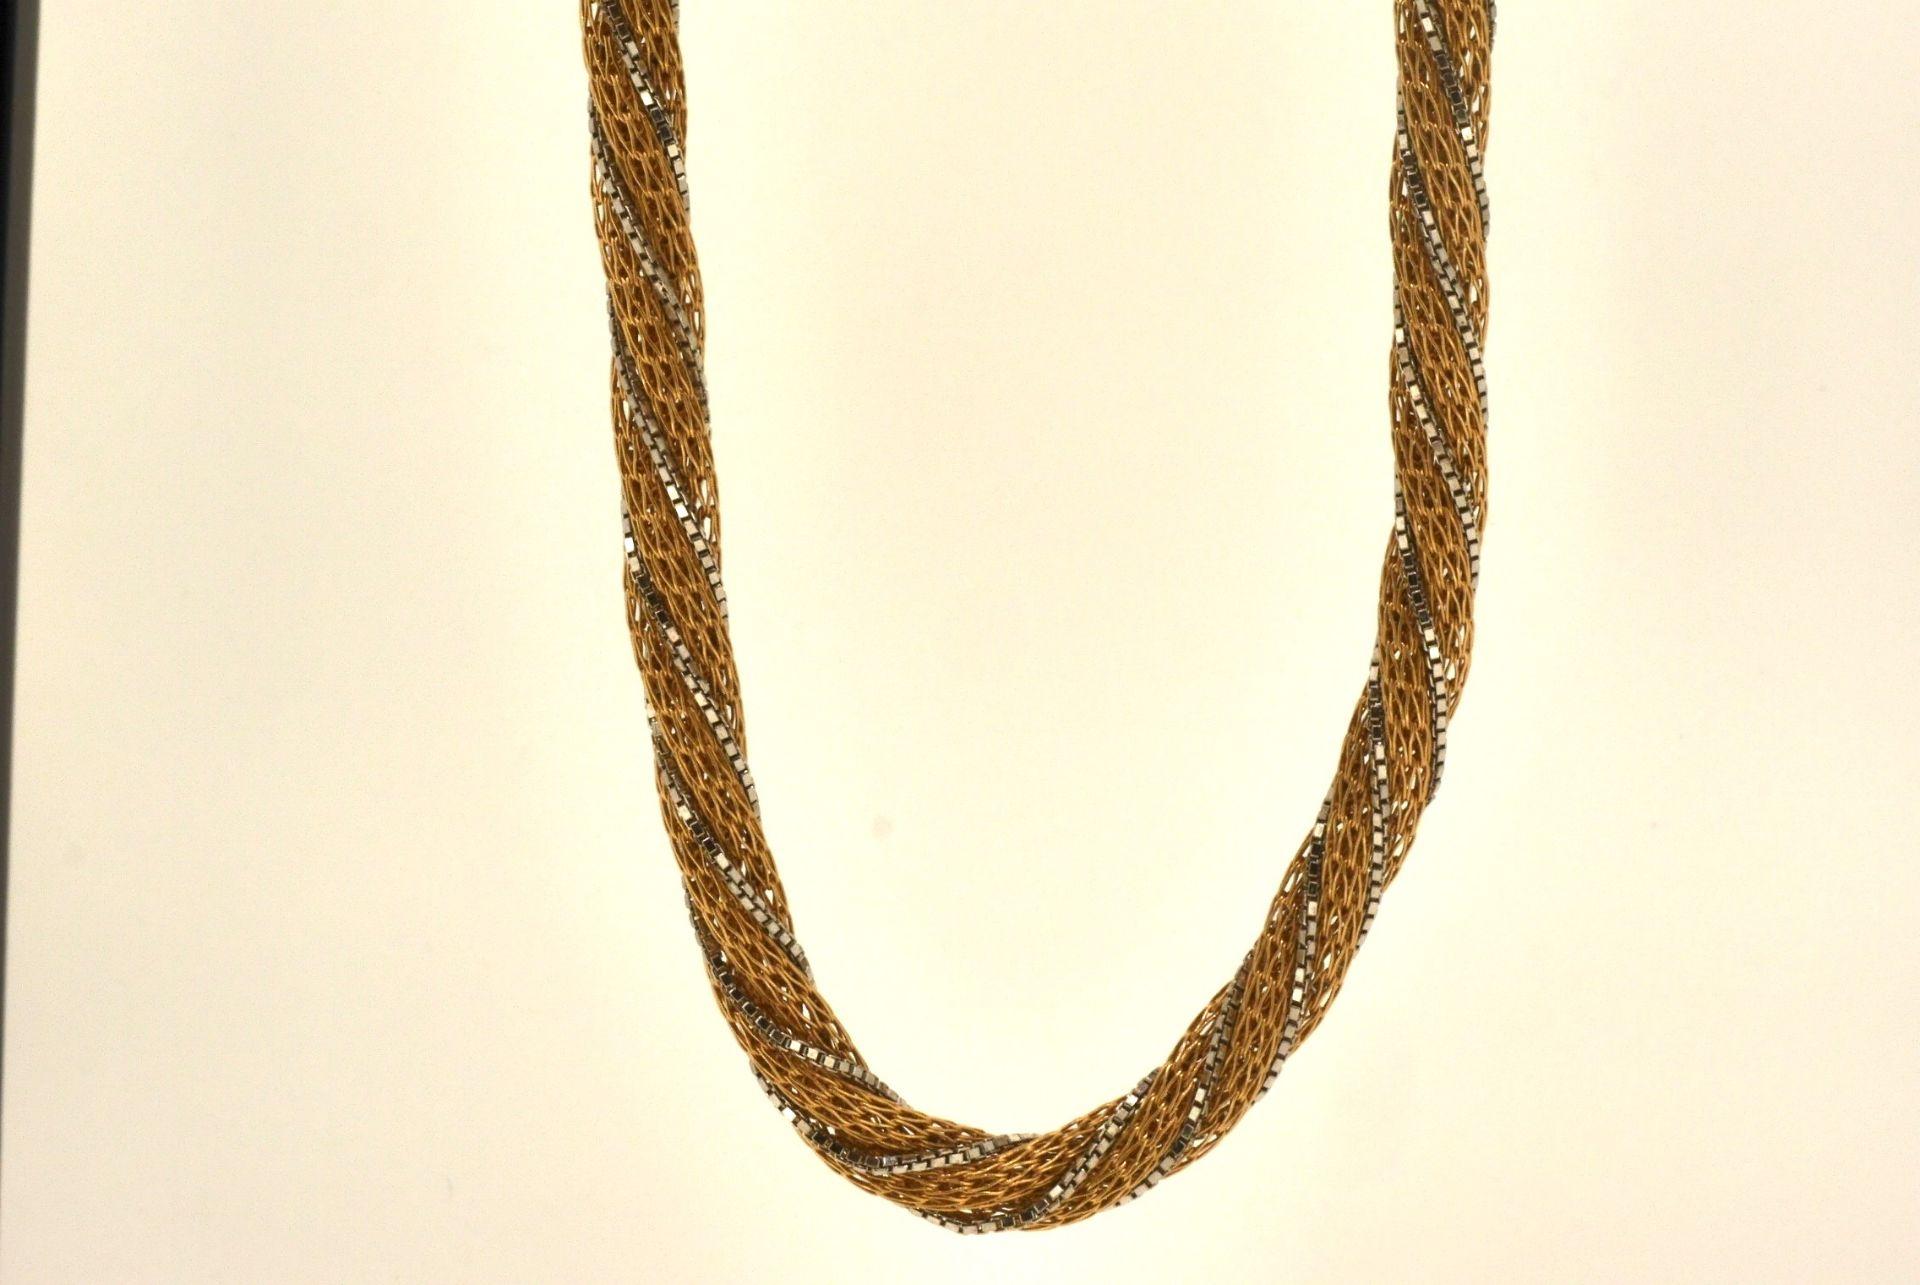 Collier WG/GG 750, 50 cm, 34,6 Gramm - Bild 2 aus 4